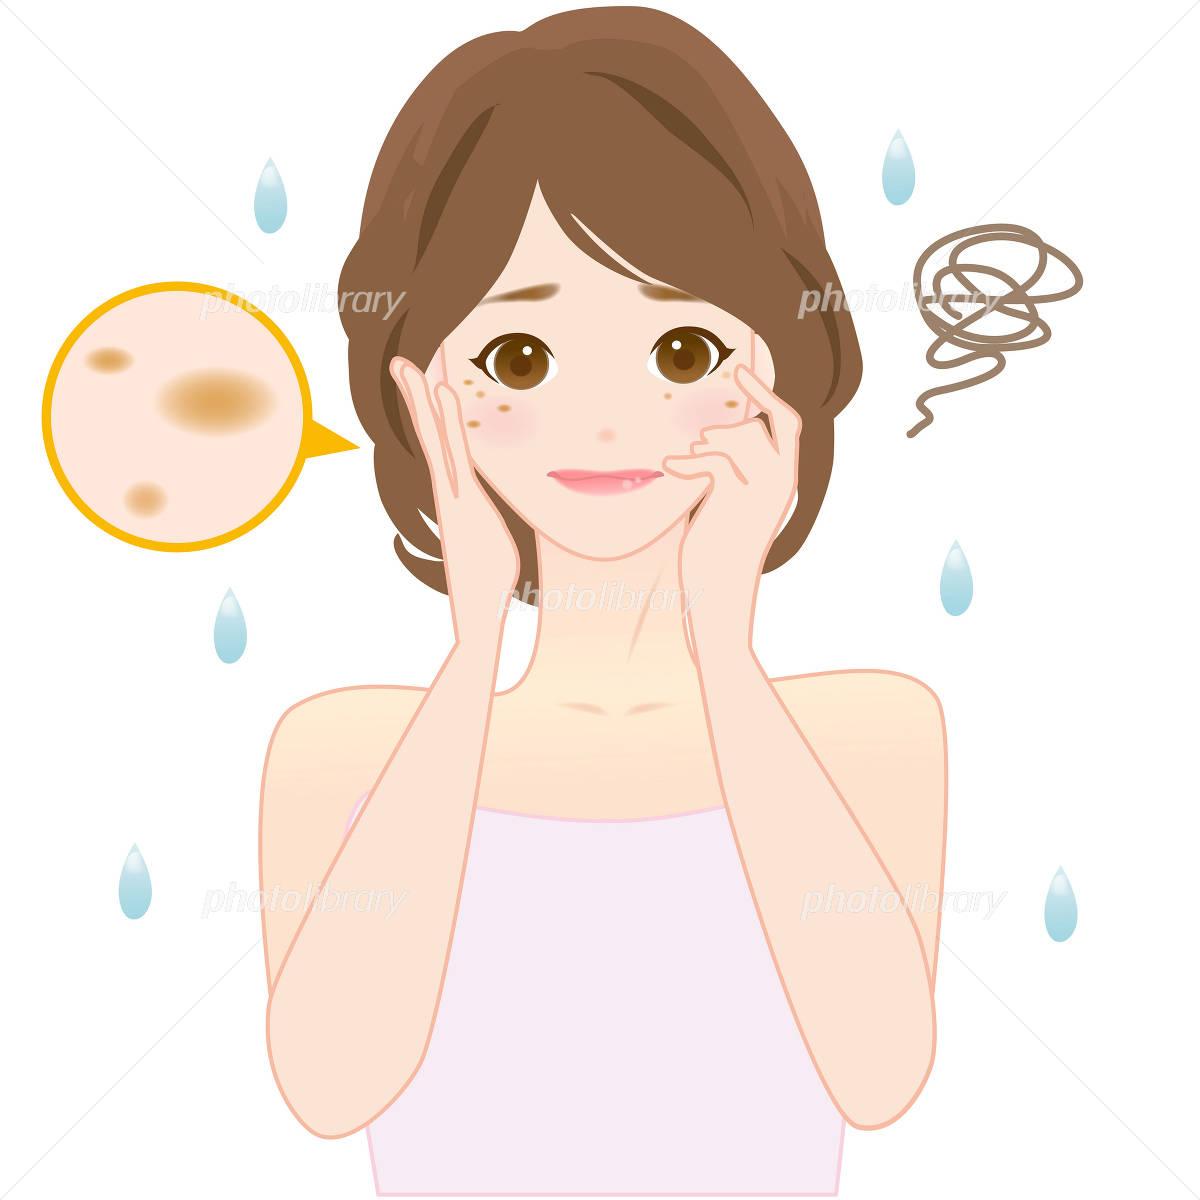 女性 肌のトラブル シミ 皺 イラスト素材 2671254 フォトライブ